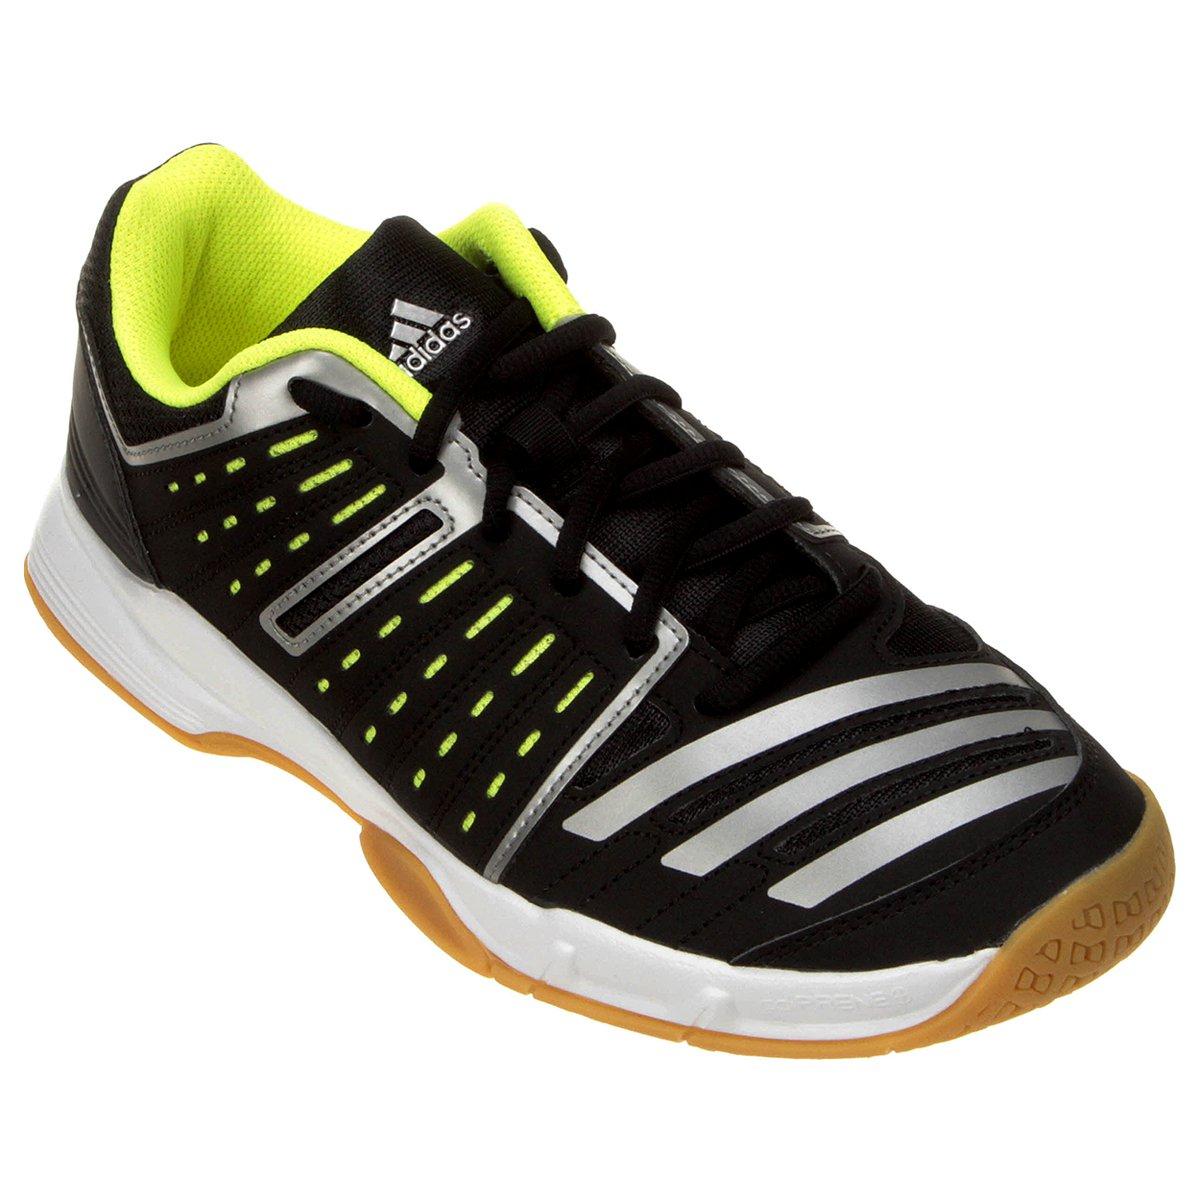 0feb52219c Tênis Adidas Essence 12